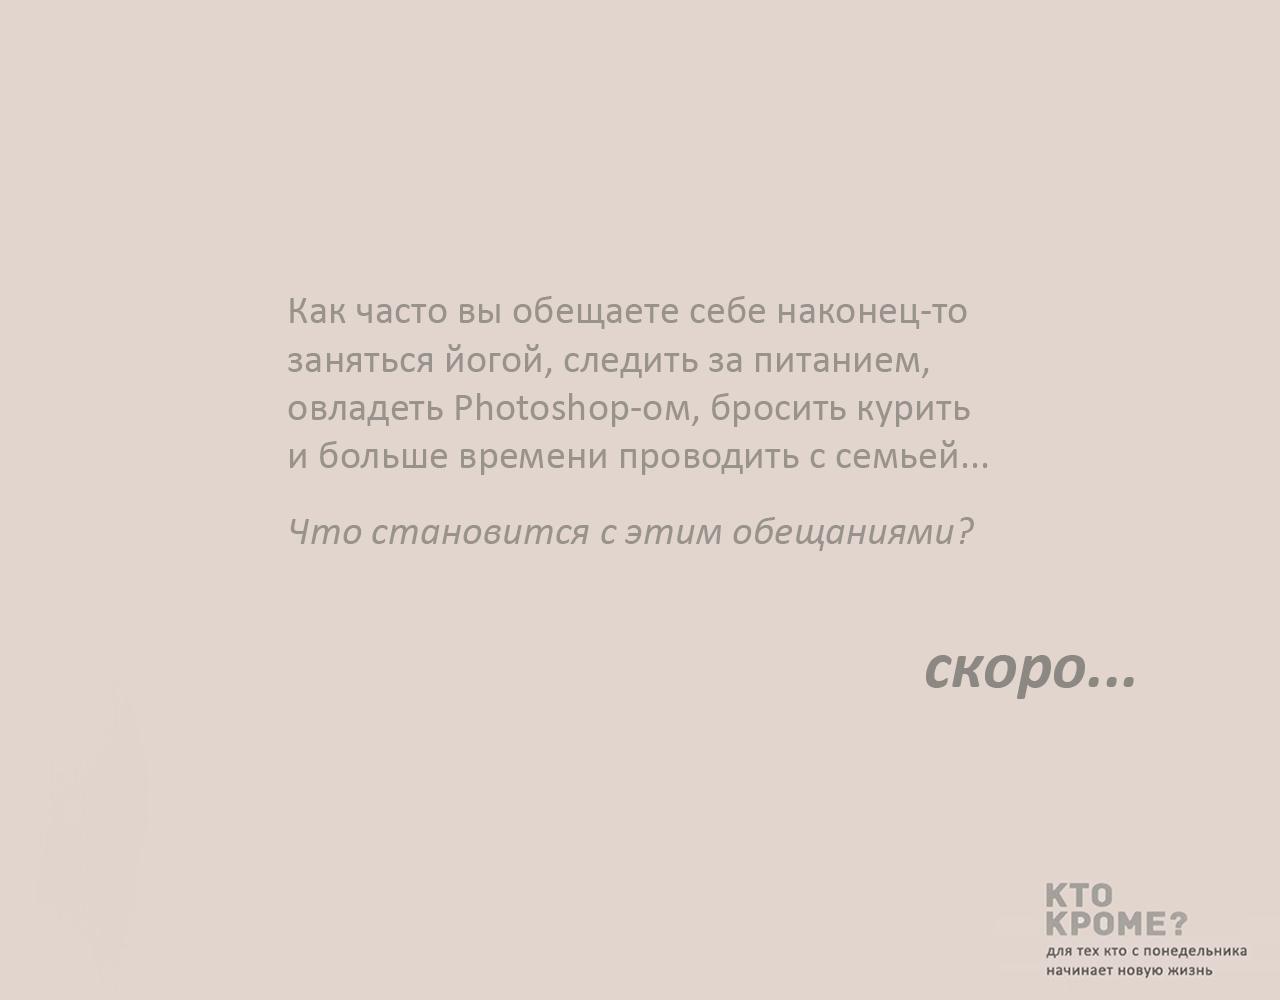 КтоКроме